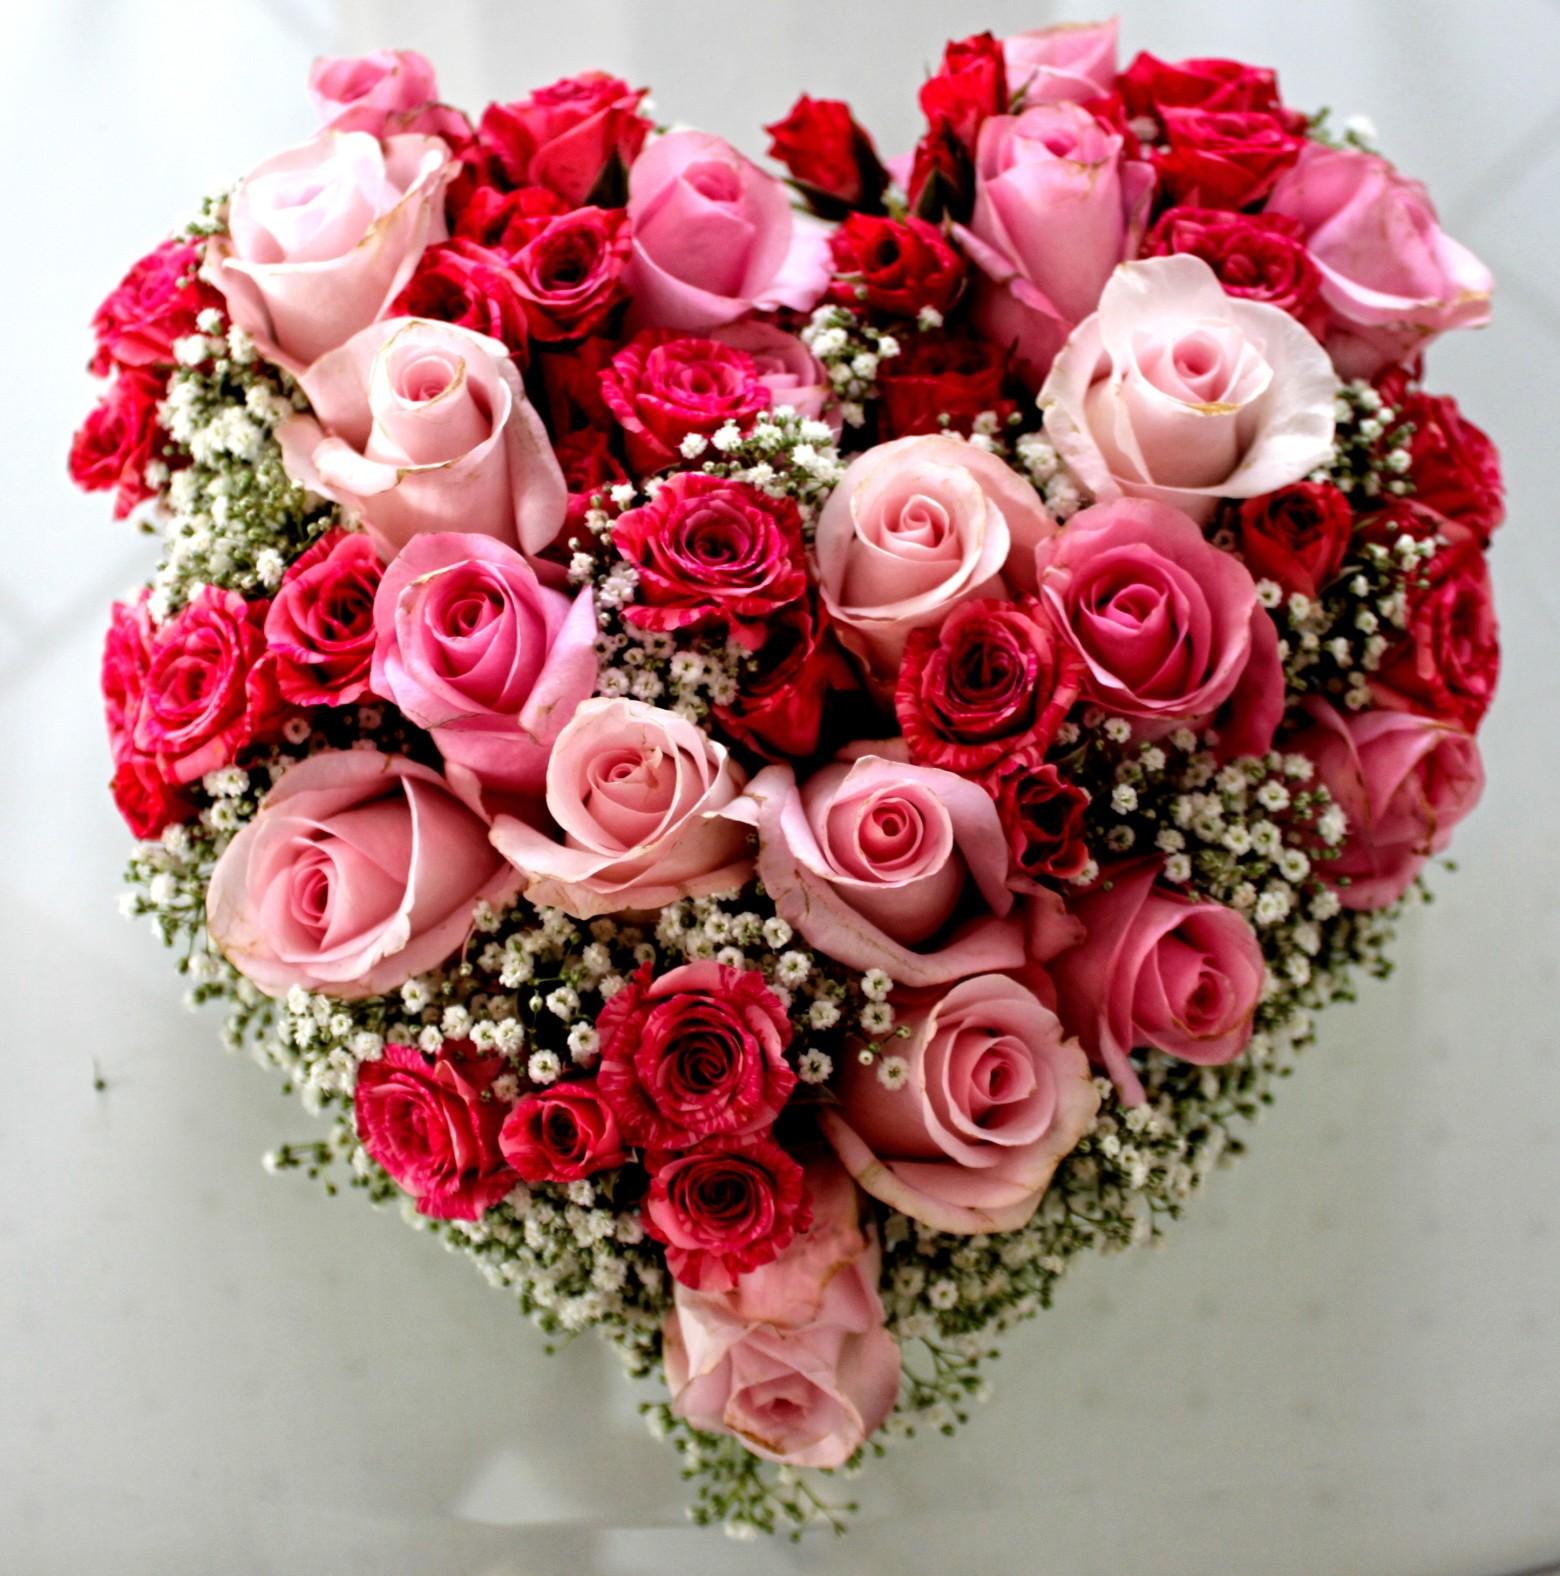 Bouquet de rose en forme de coeur photos gratuites images gratuites et libres de droits - Images coeur gratuites ...